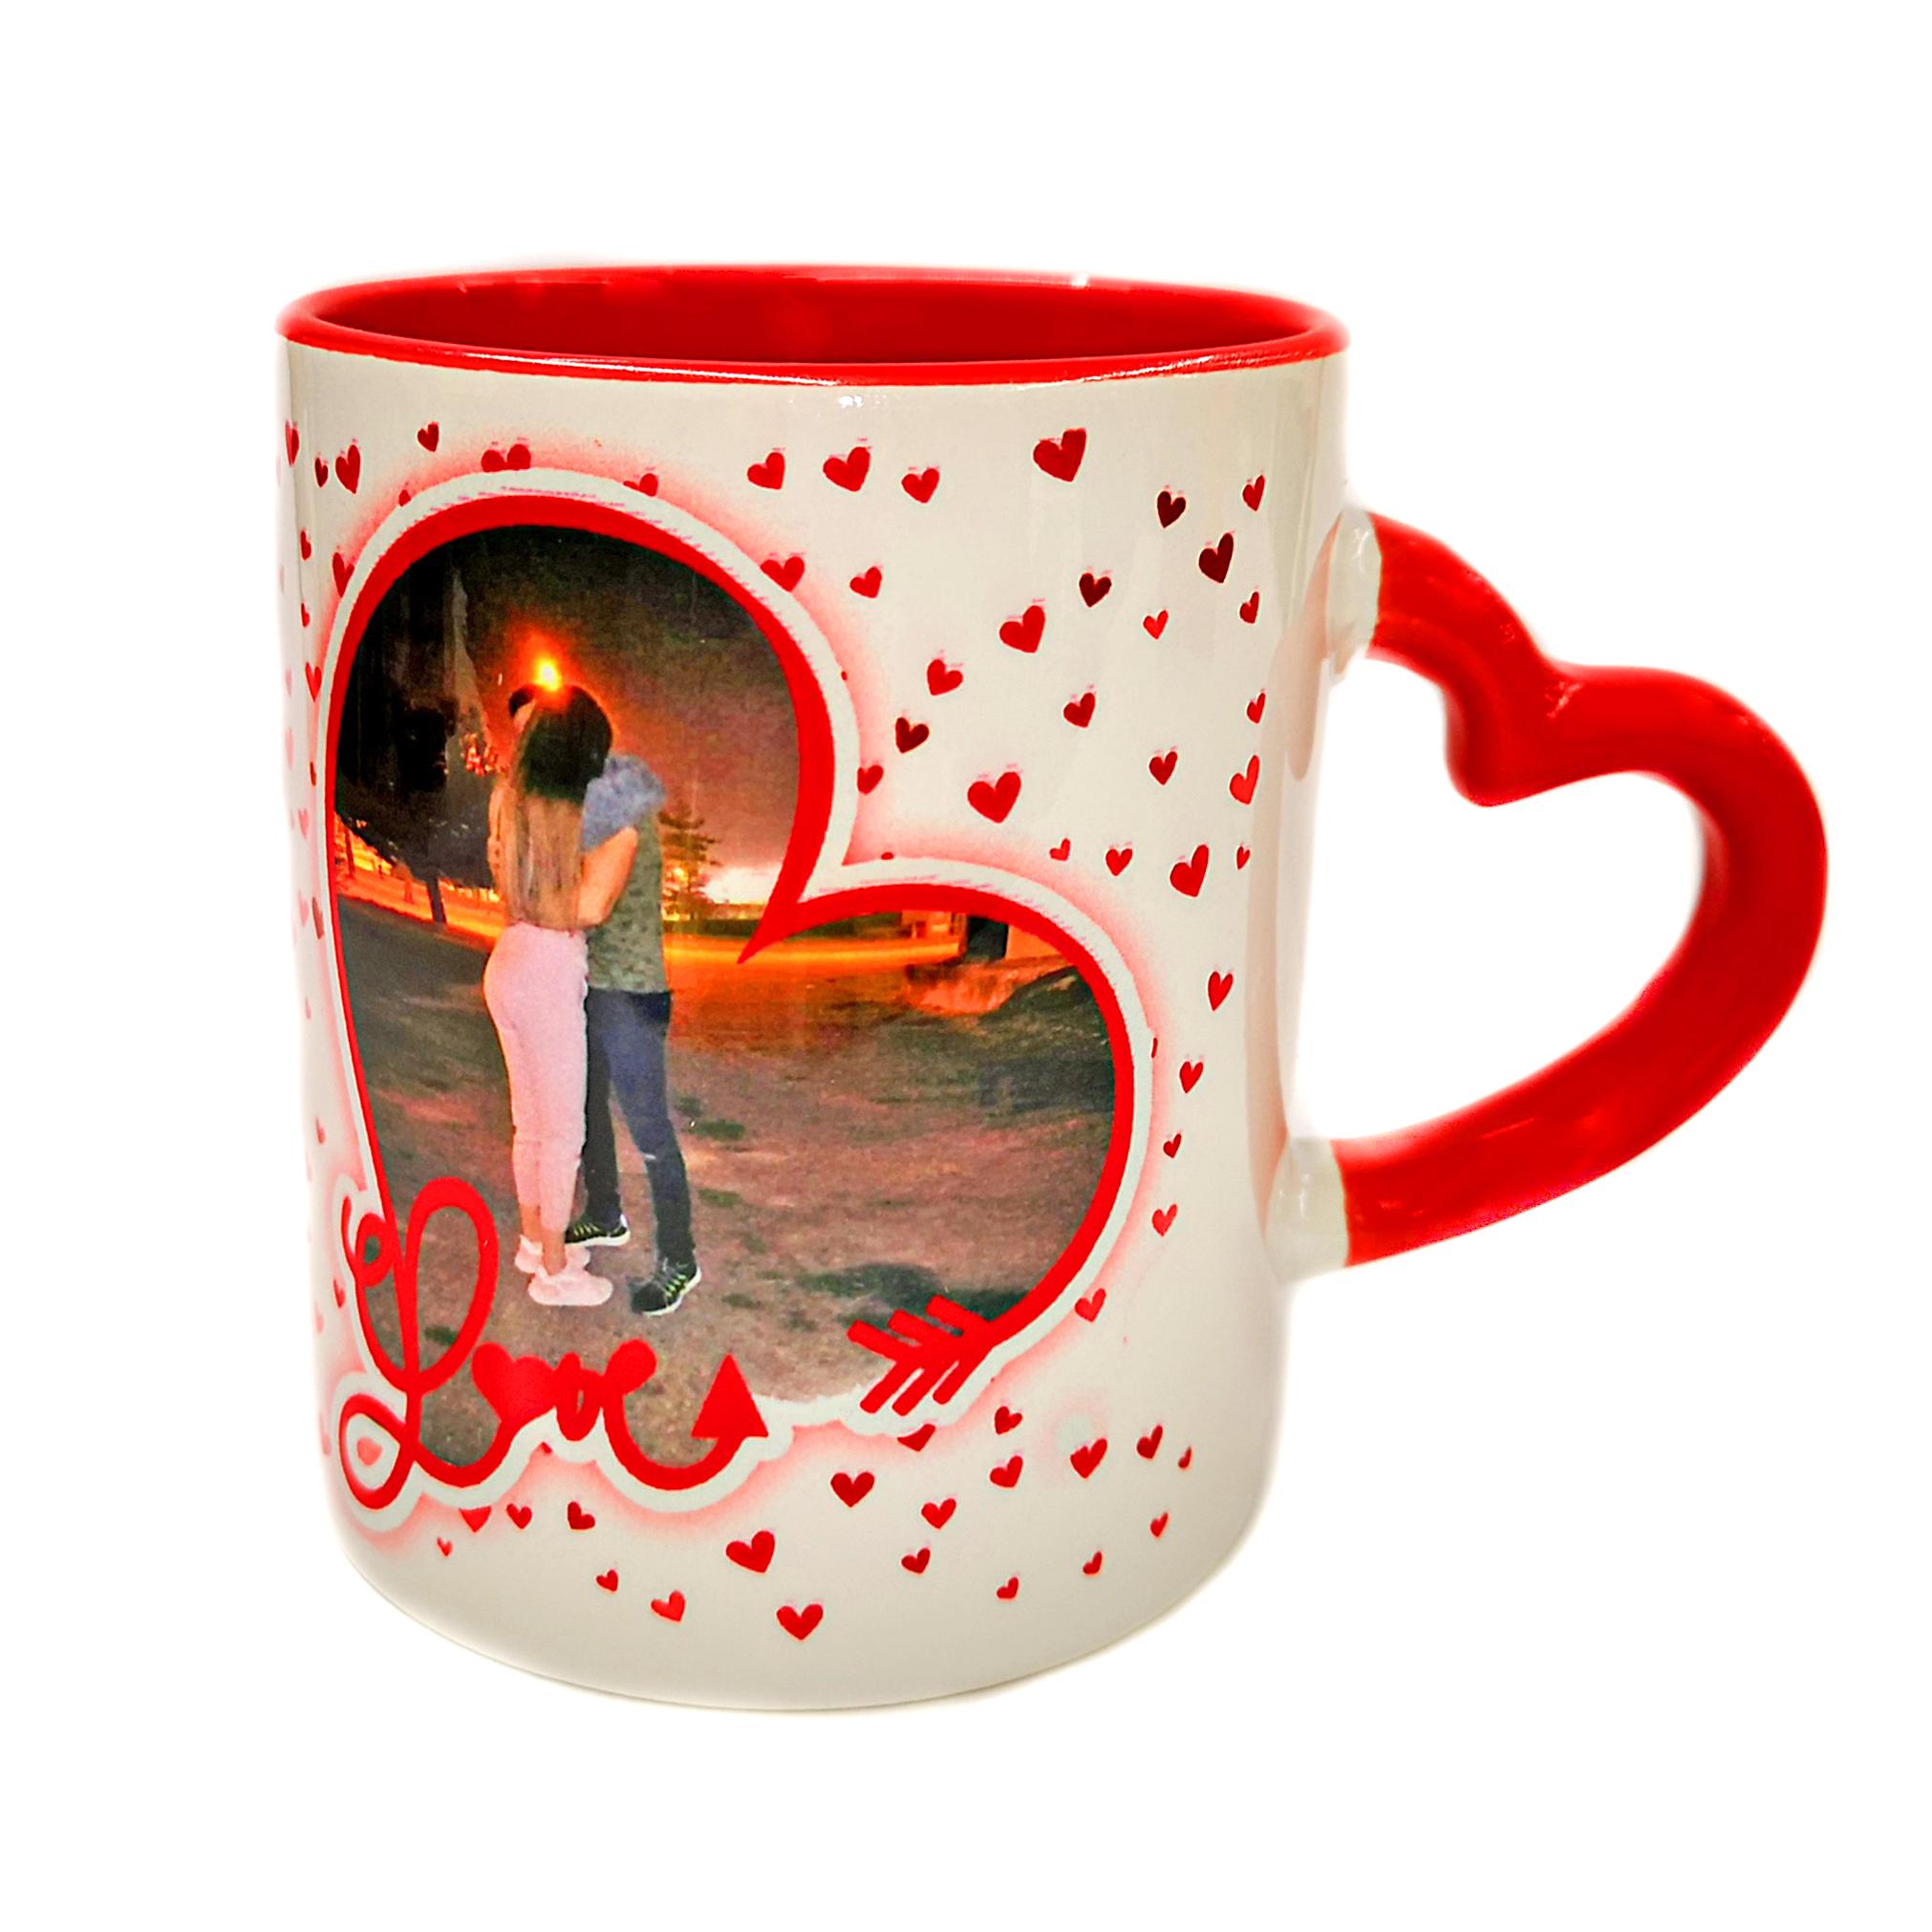 Ljubavna šolja – drška srce